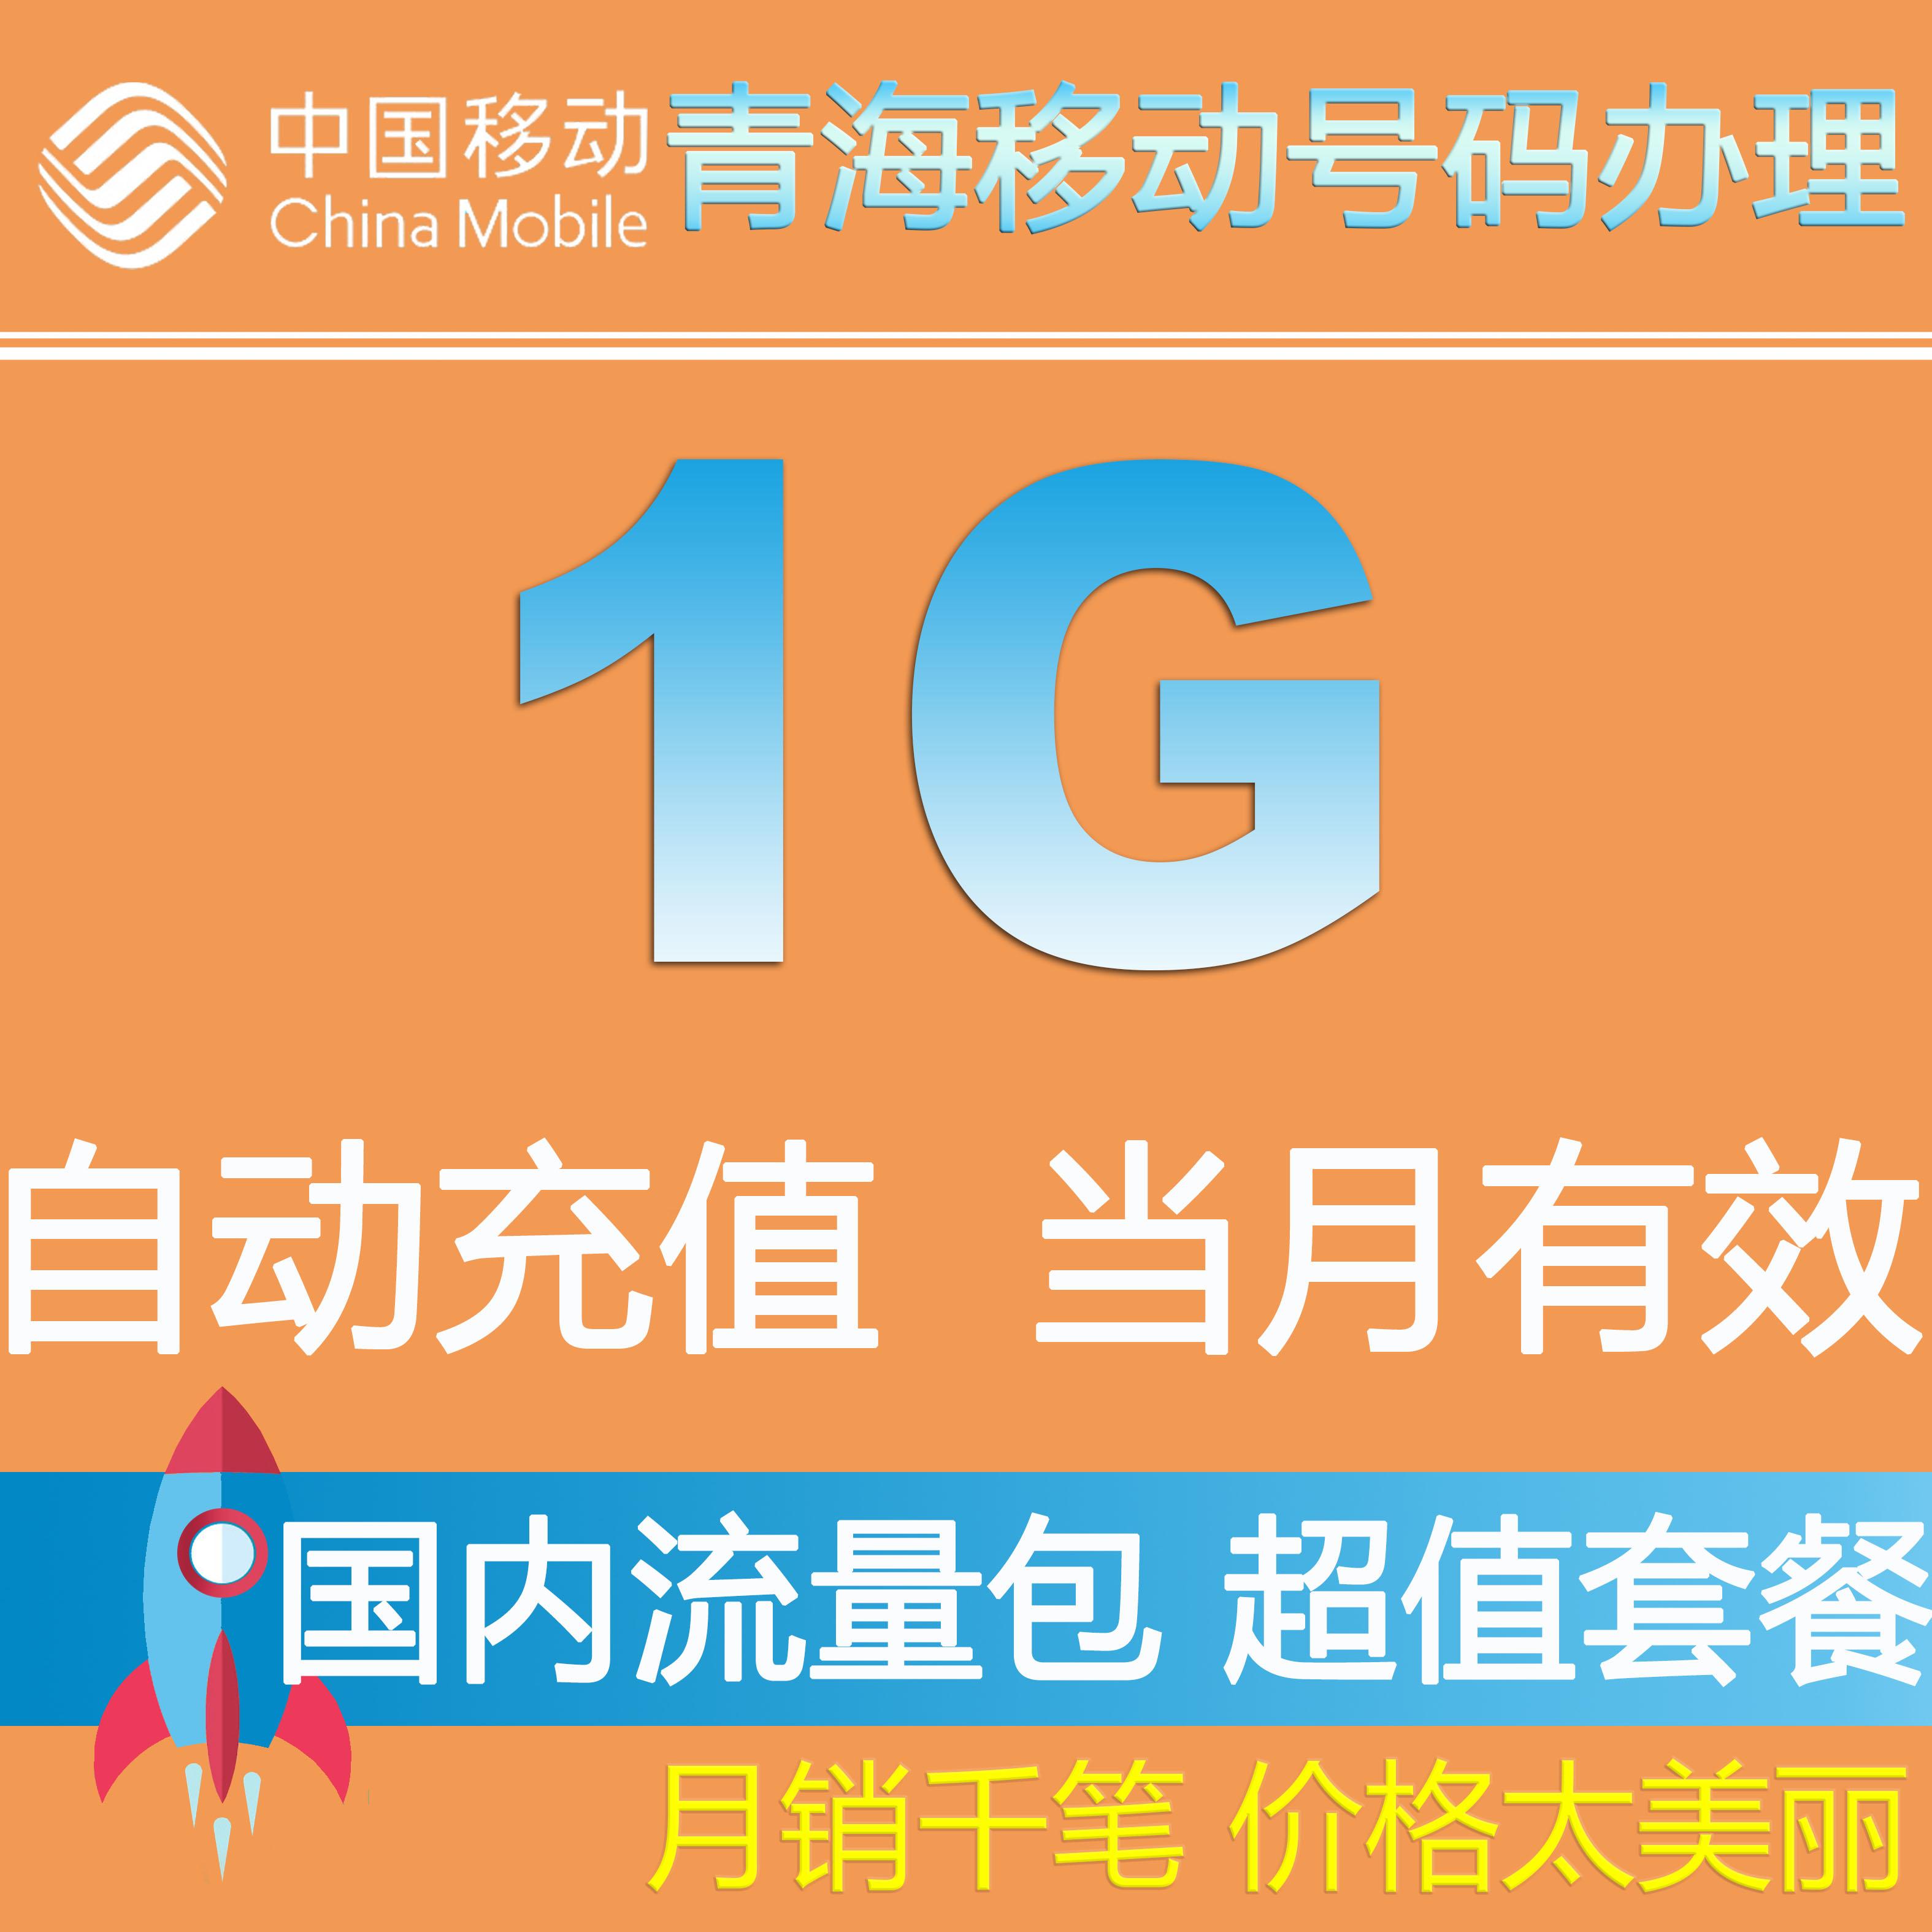 青海移动流量充值 全国1G流量叠加包2G3G4G 网络通用  当月有效QZ